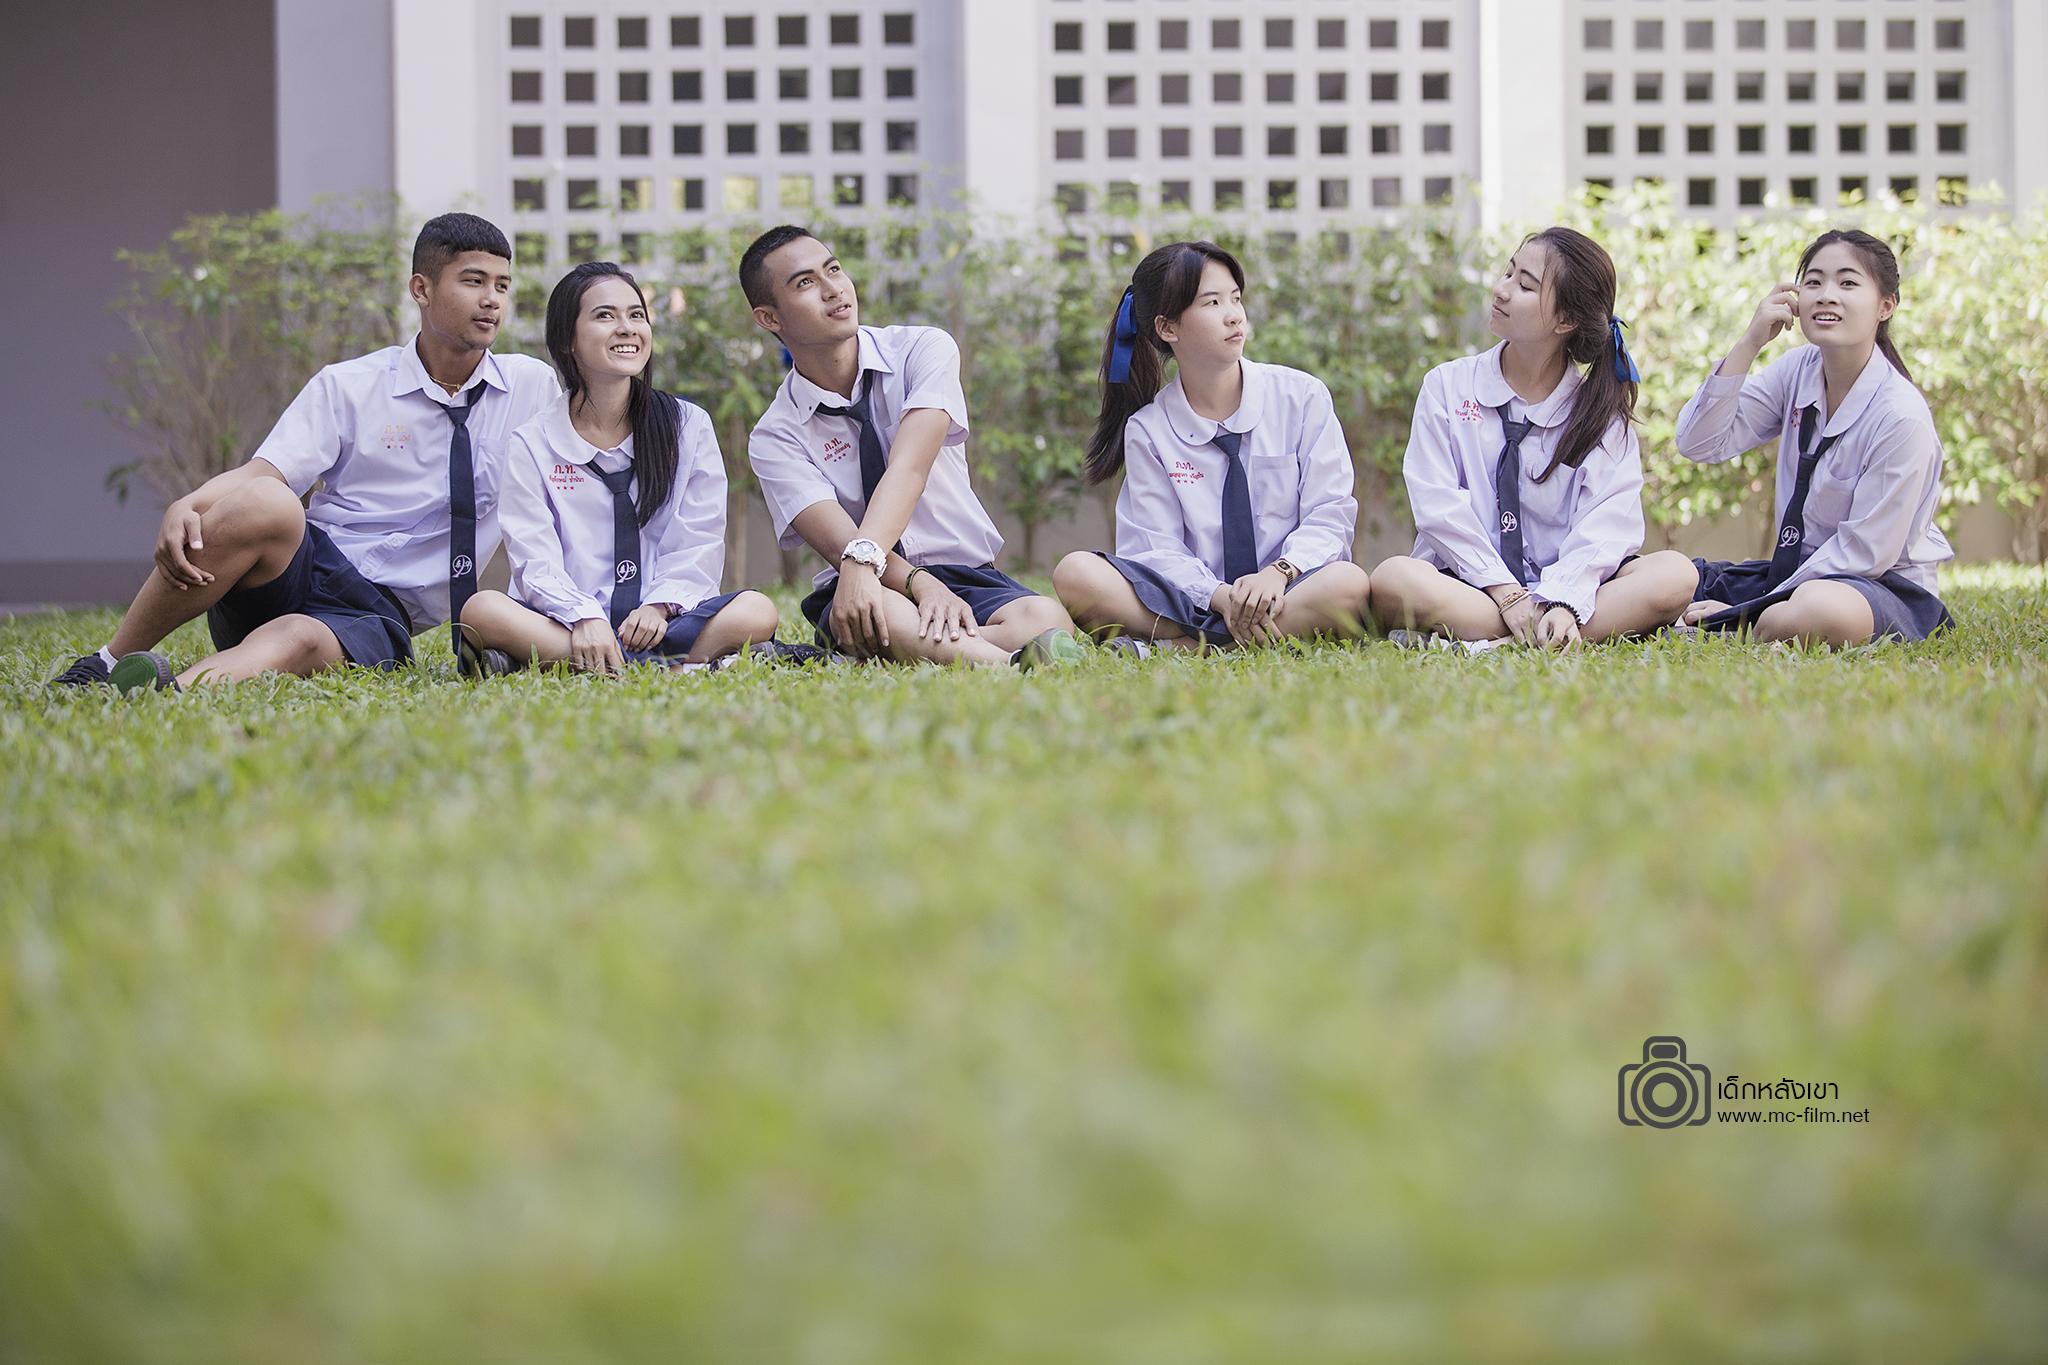 โรงเรียนภูเก็ตไทยหัวอาเซียนวิทยา